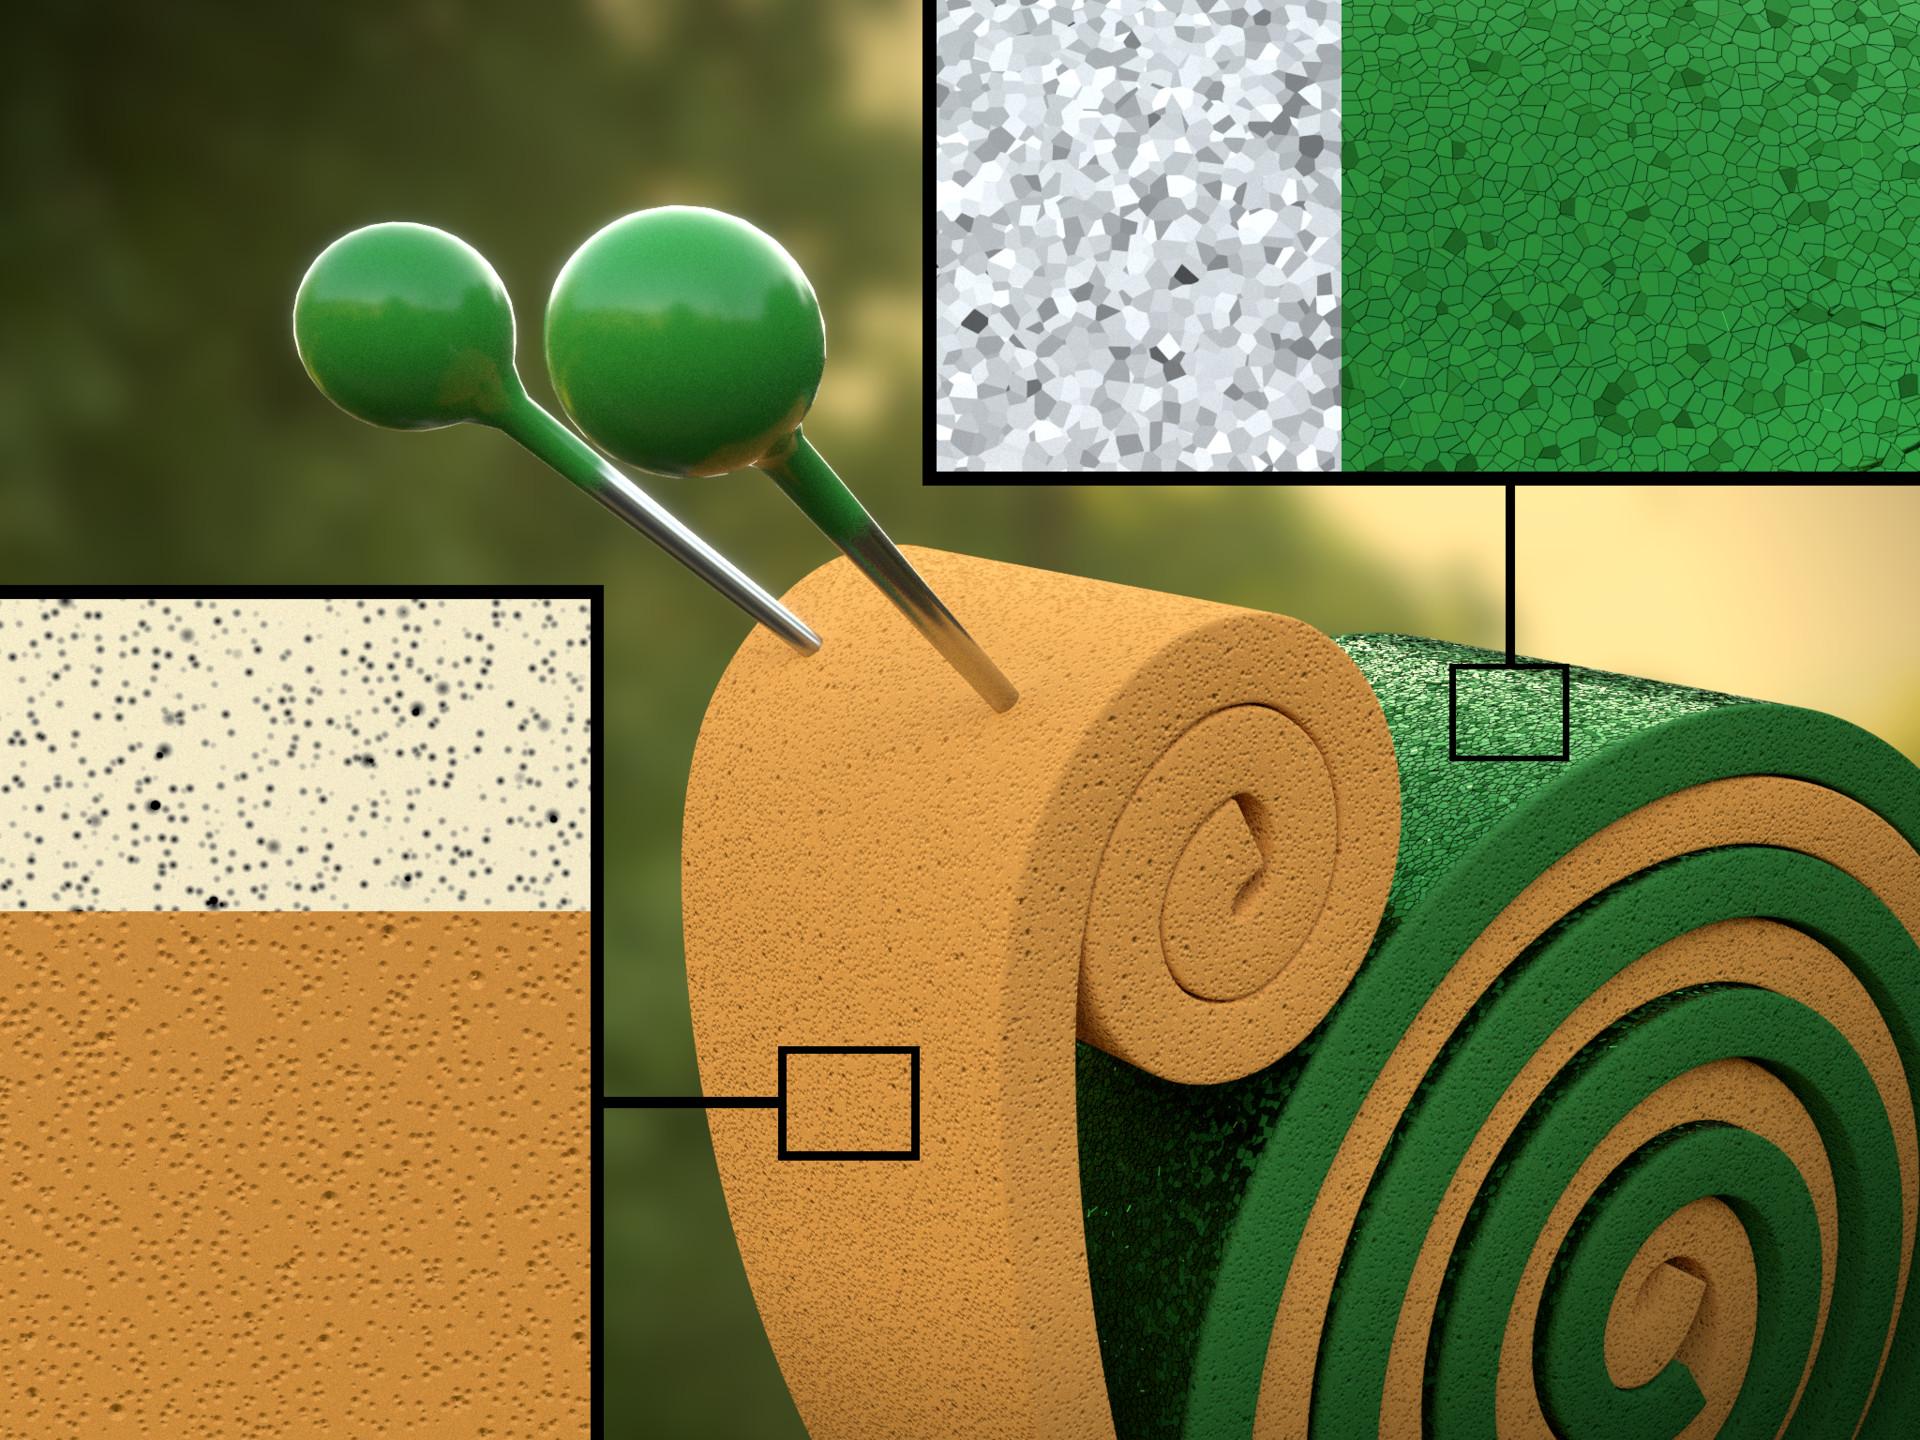 Matias garate zoomin materials